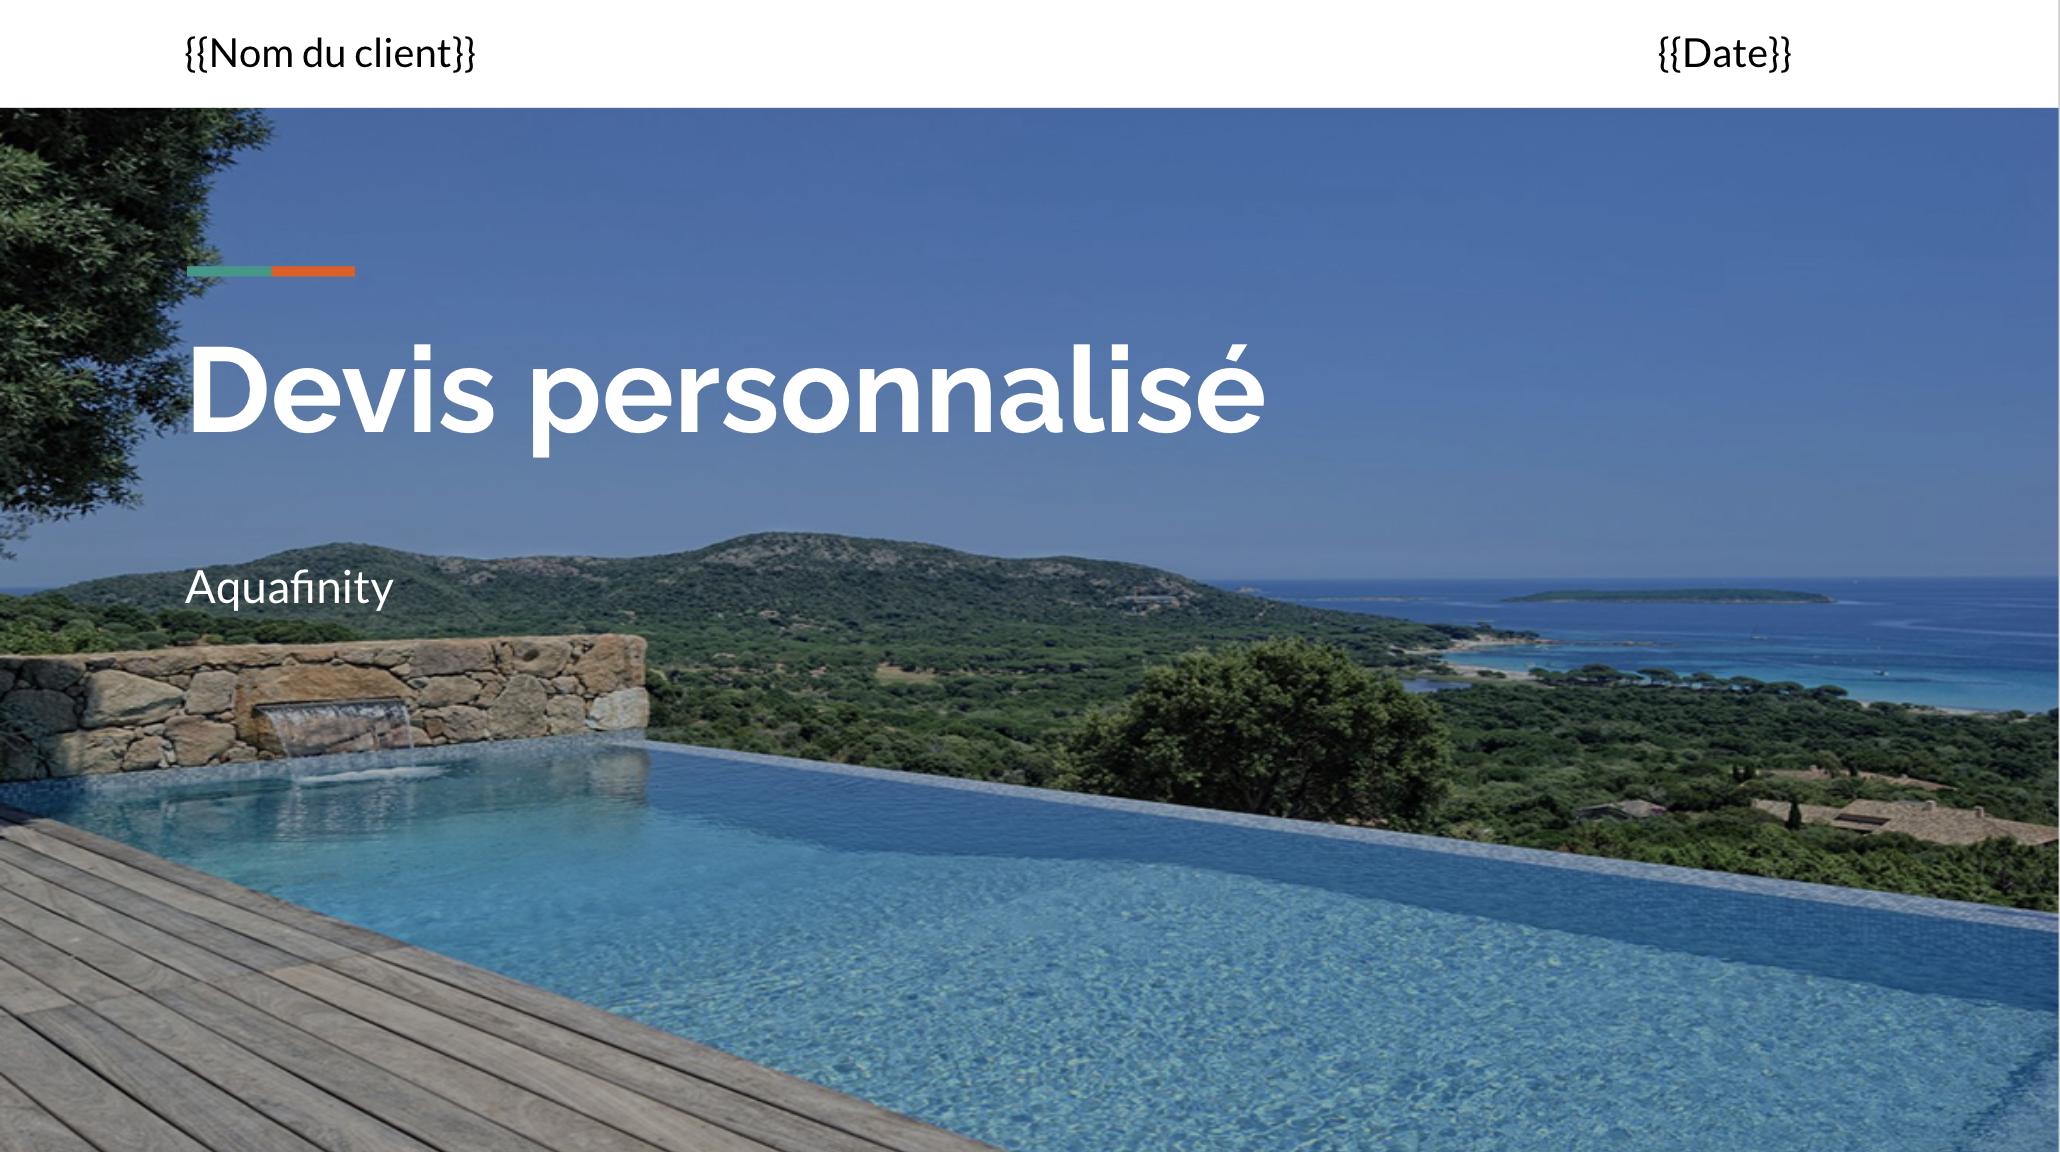 créer une présentation client avec Google Slides